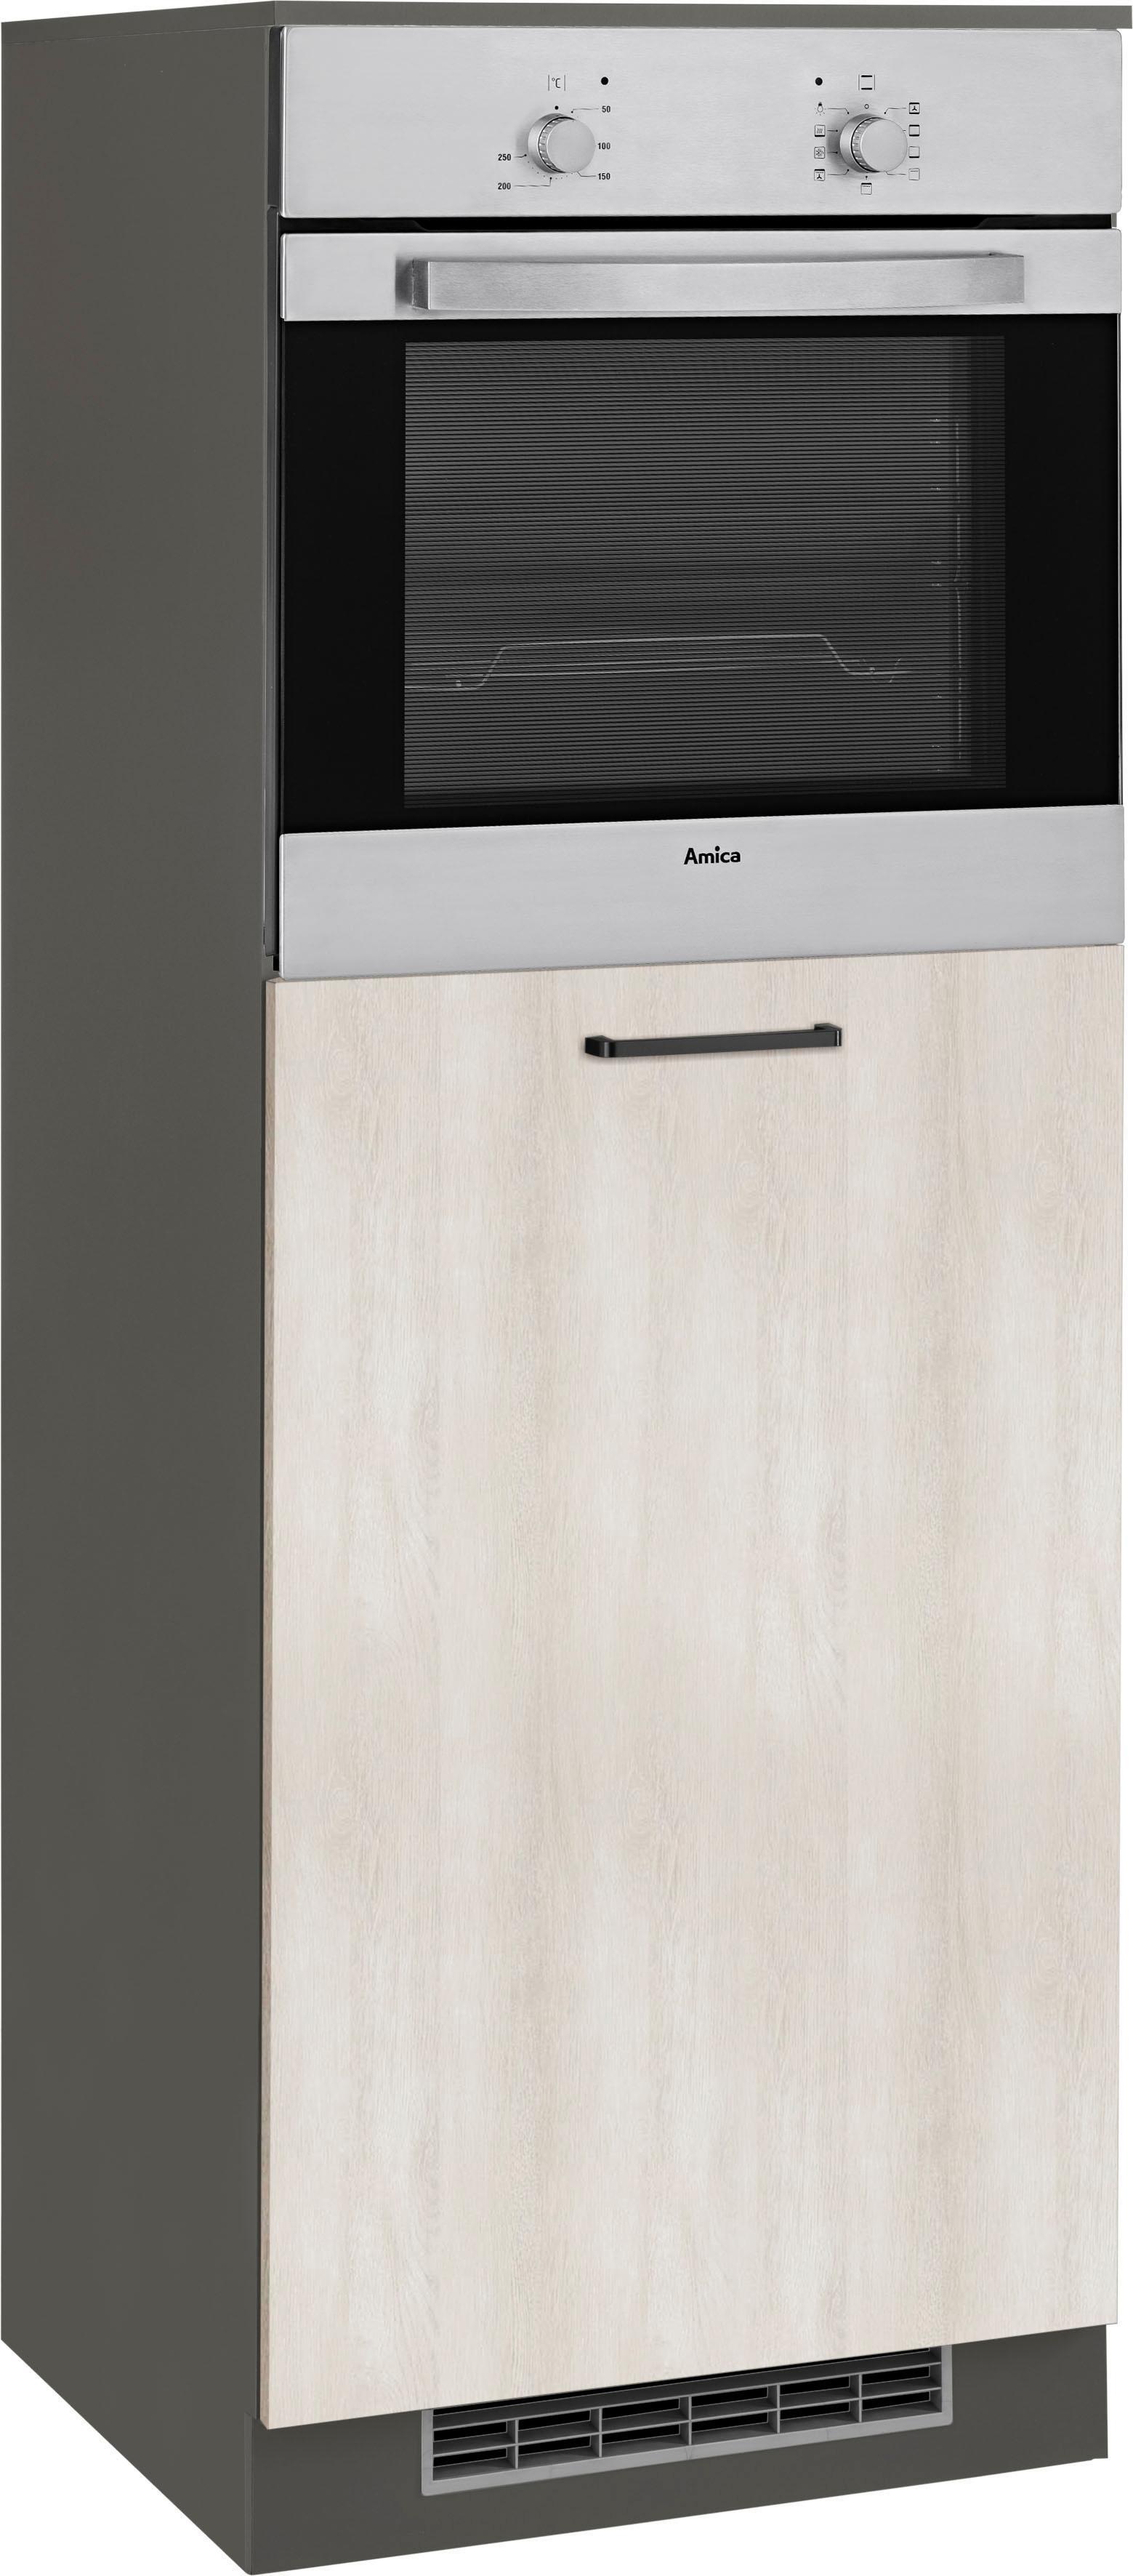 Wiho Küchen Backofen-/Kühlumbauschrank Esbo   Küche und Esszimmer > Küchenelektrogeräte > Herde und Backöffenen   Melamin   Wiho Küchen